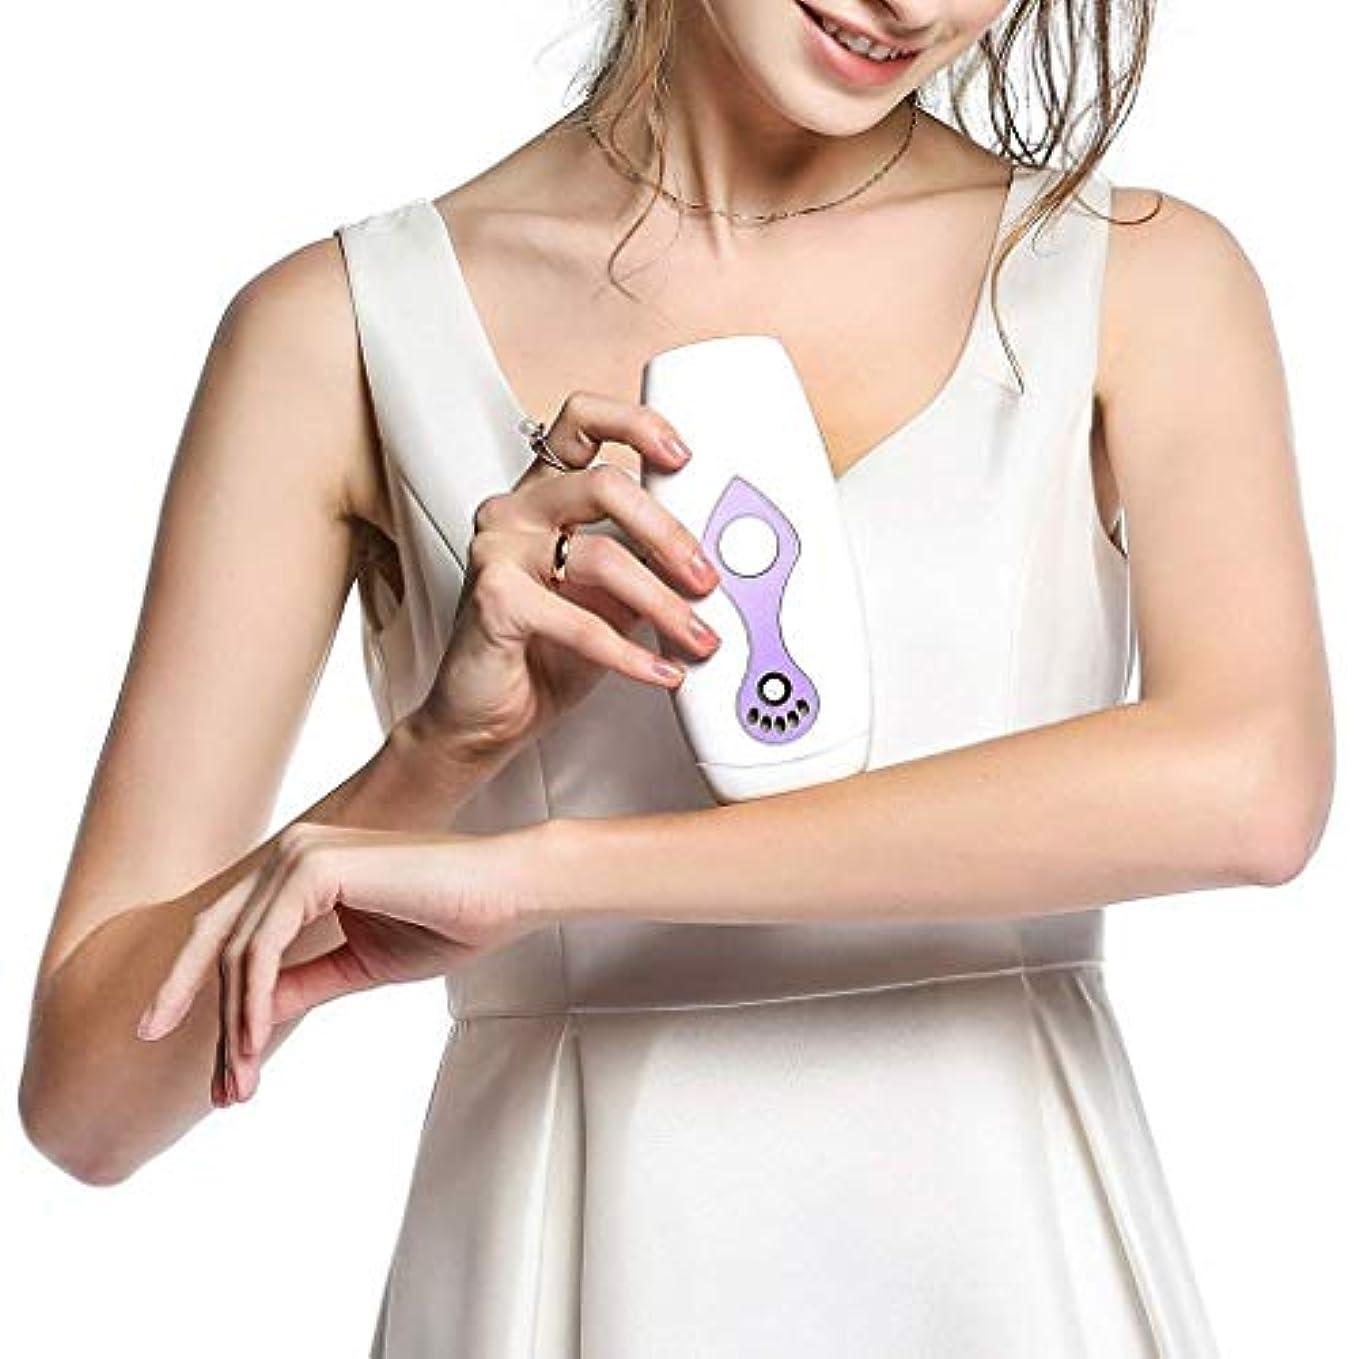 不満ビジター悪性腫瘍IPL脱毛レーザーシステム、体、顔とビキニのためのLCDスクリーン付きの永久的な脱毛装置、男性と女性の美しさ脱毛剤に最適